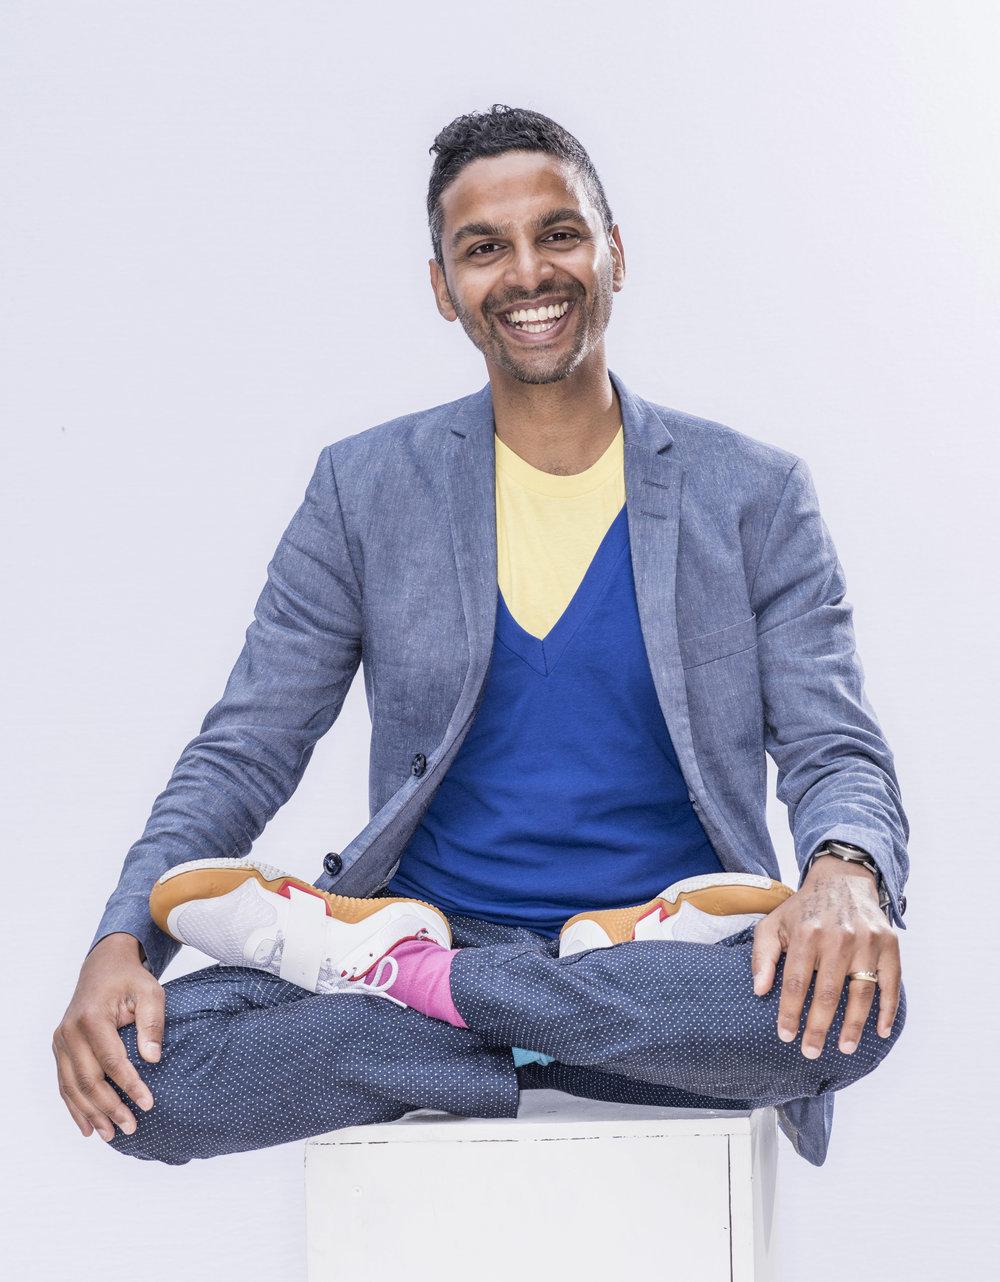 MODERN mindfulnesS - By Rohan Gunatillake